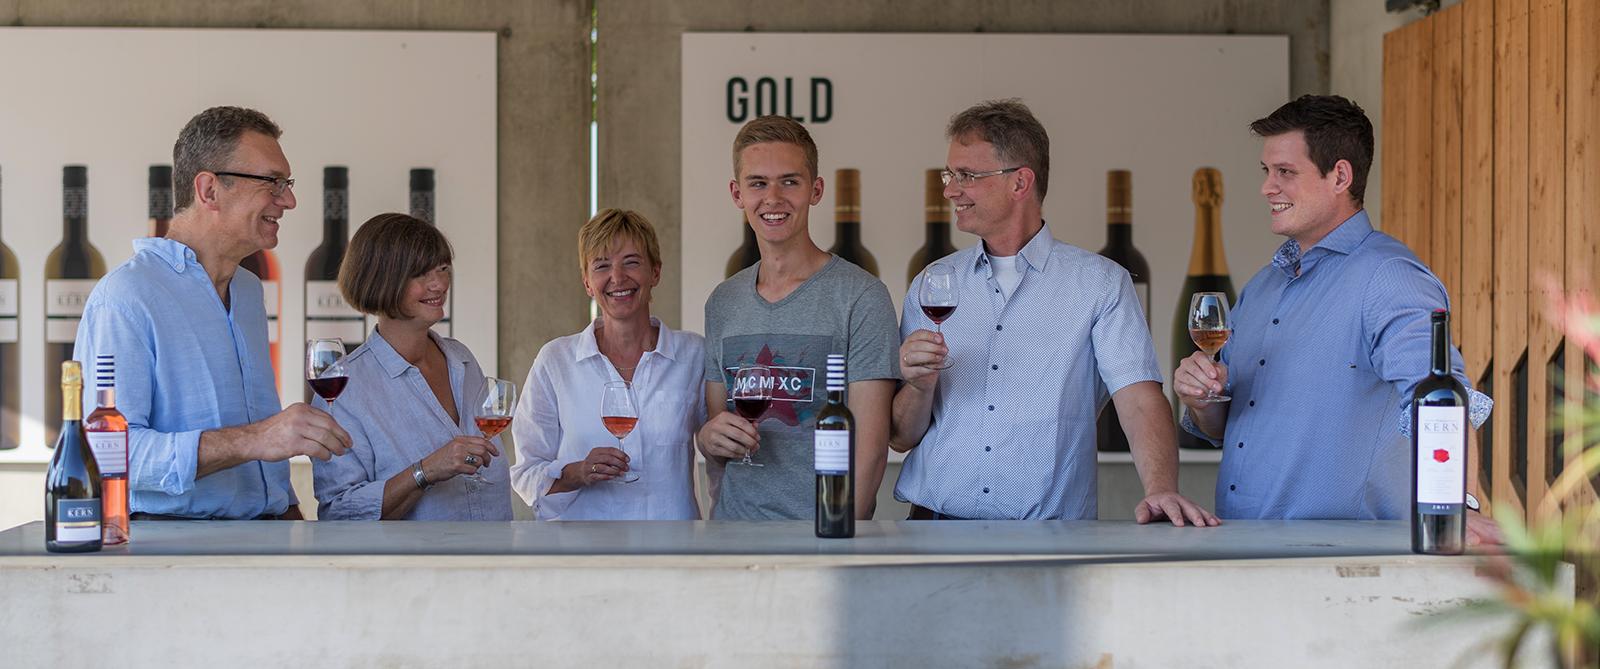 Ulrich, Ina, Brigitte, Andreas, Friedrich und Christoph Kern beim Weinprobieren